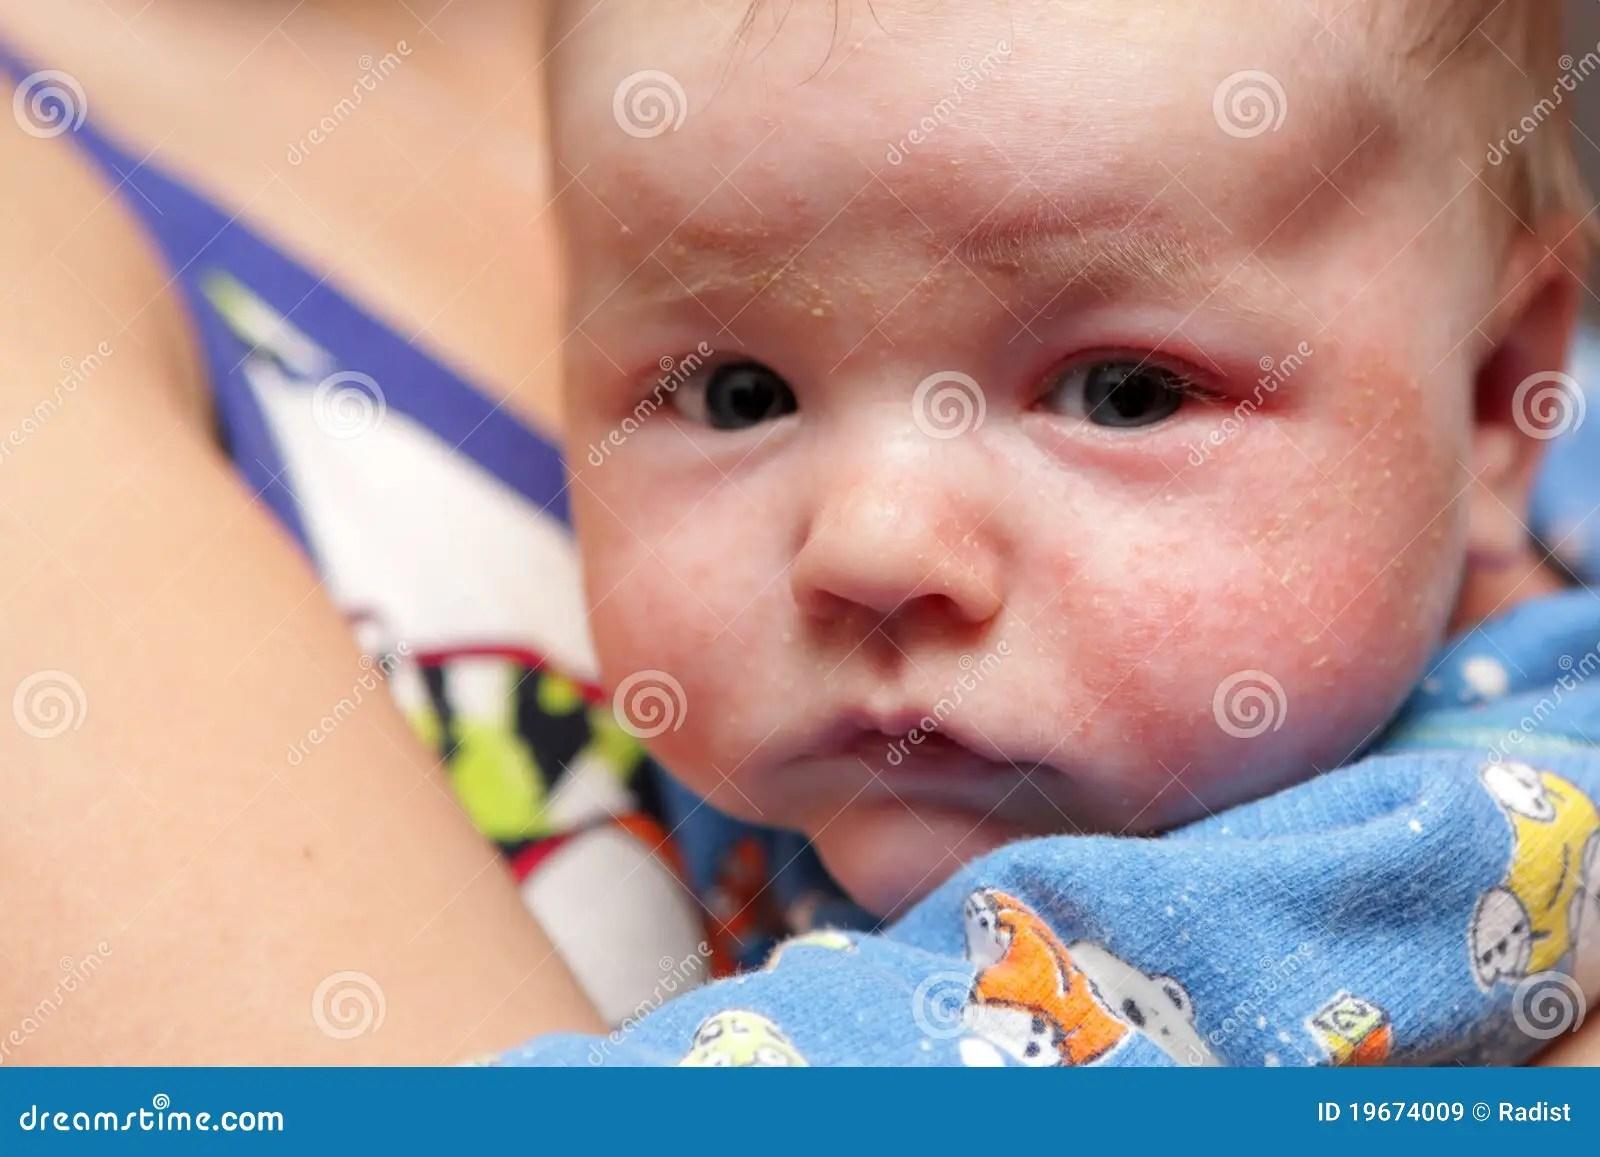 Eczema En La Cara De Recién Nacido Imagen de archivo ...